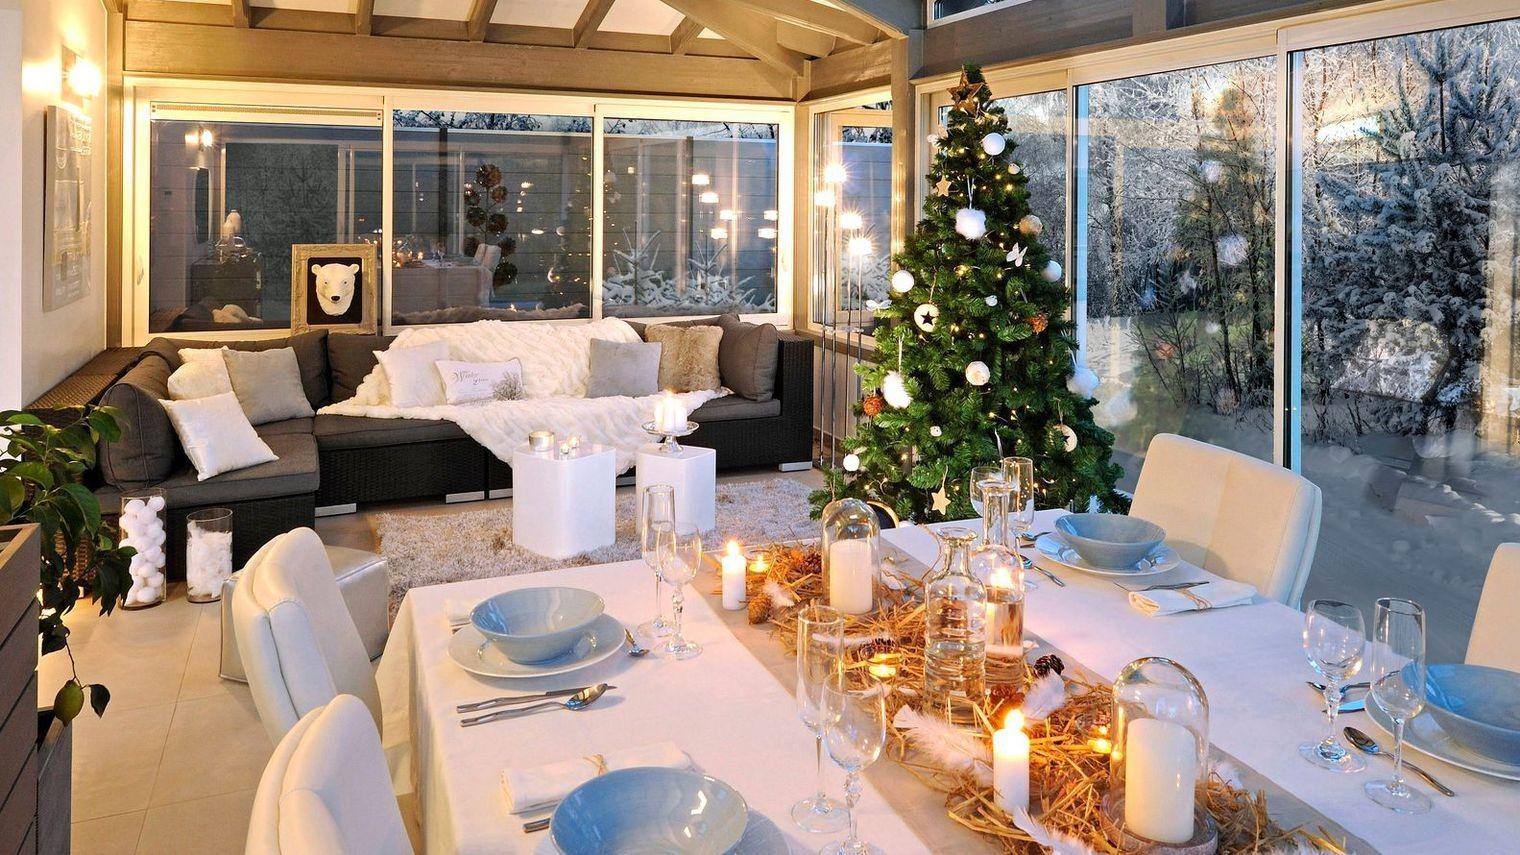 Noël dans sa v randa avec decoration veranda et decorations de noel